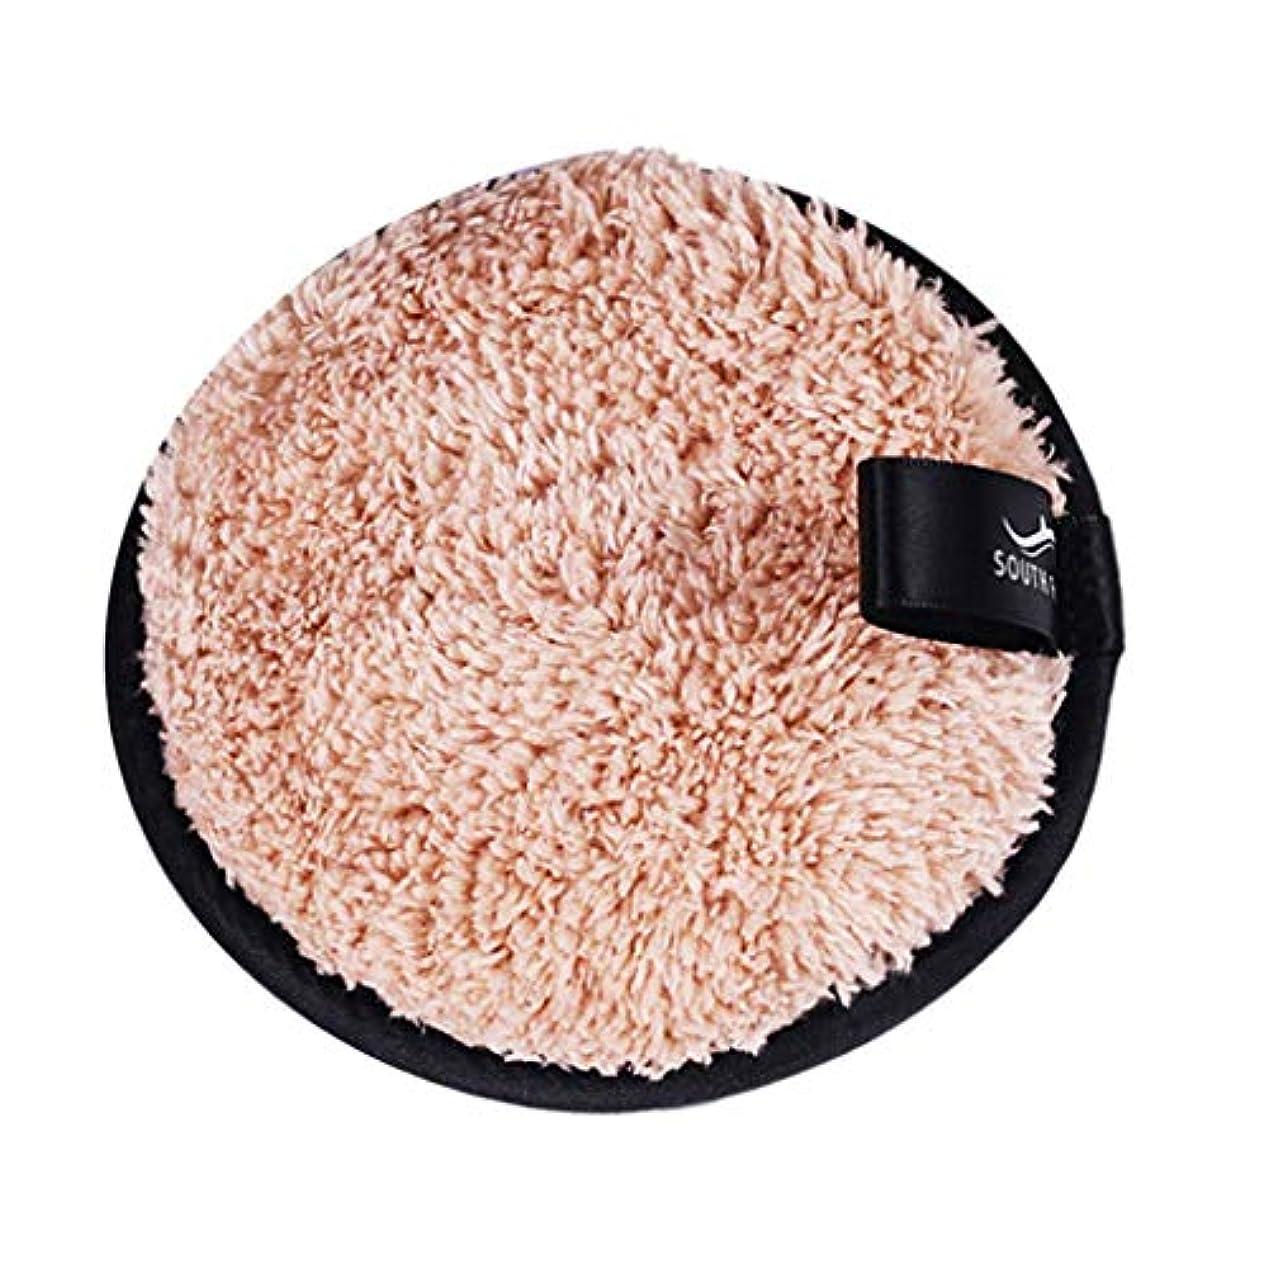 仲人テクニカル例メイクリムーバーパッド 化粧品 フェイシャル クレンジング パフ スポンジ 3色選べ - 褐色